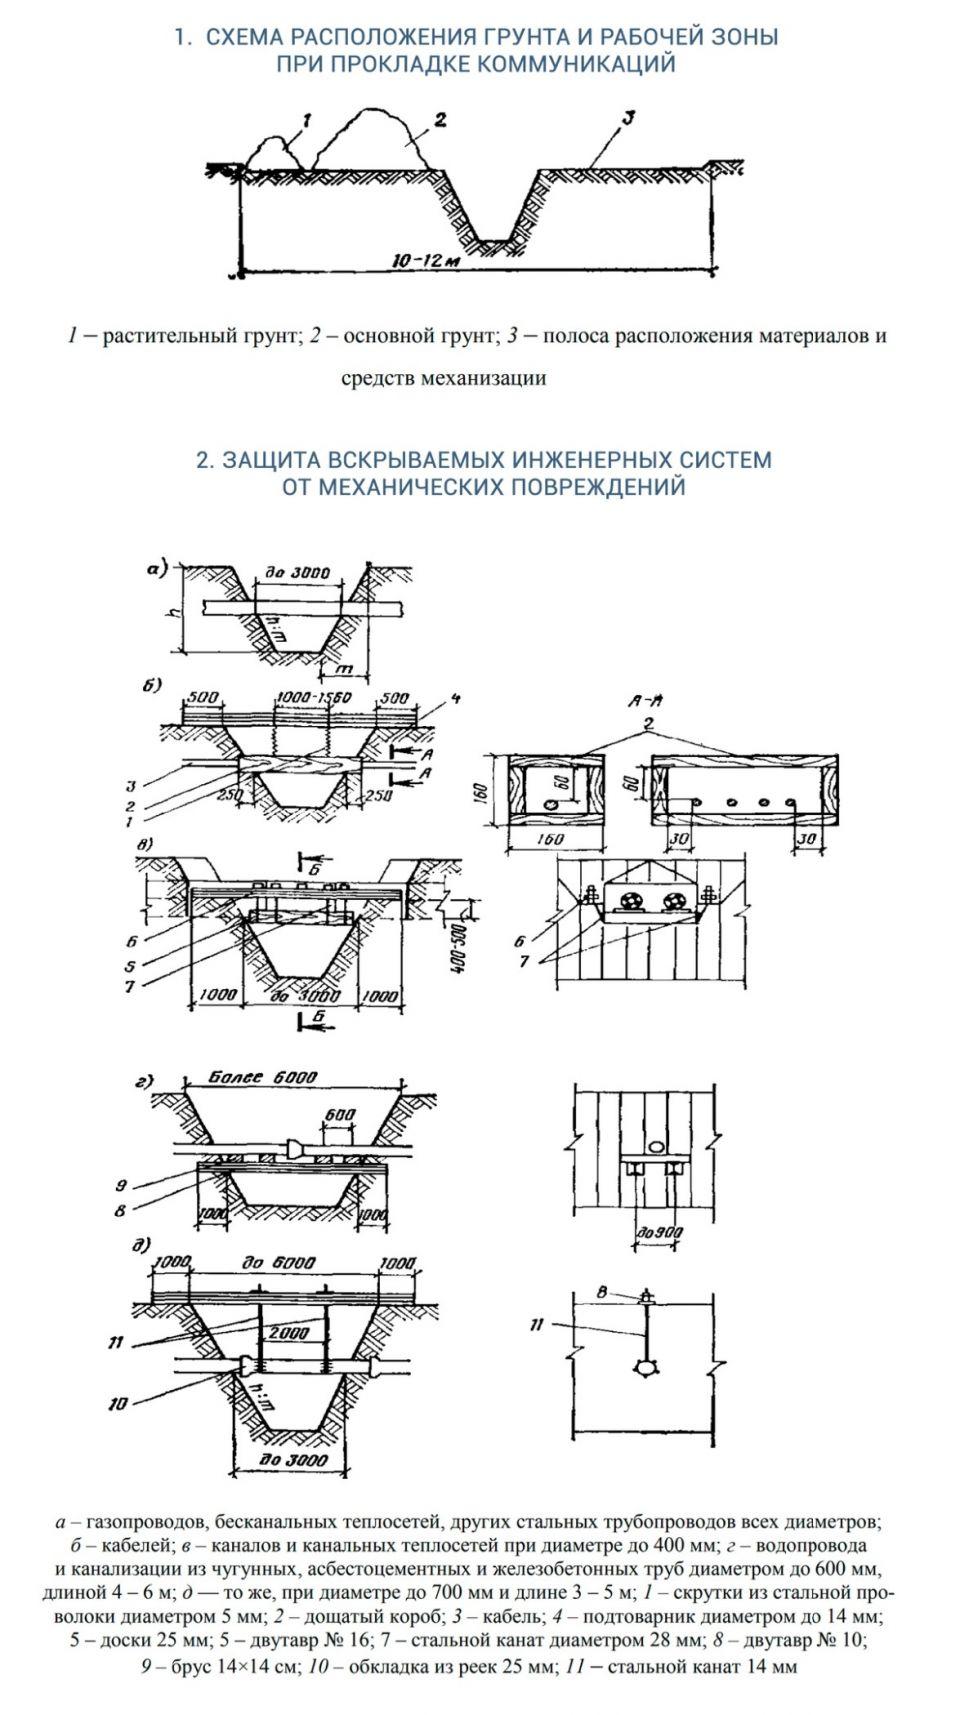 Перекладка существующих инженерных сетей в рамках реконструкции производственных зданий и сооружений (*)На реконструируемом предприятии могут использоваться действующие инженерные сети для снабжения строительной площадки электроэнергией, теплом, паром, сжатым воздухом и газом. При недостаточной мощности энергетических установок промышленного предприятия или при большом удалении постоянных инженерных сетей от мест проведения работ прокладываются временные инженерные сети с заглублением, по поверхности земли, на имеющихся эстакадах, по опорам, столбам или стойкам, по стенам зданий.Реконструируемые инженерные сети, необходимые для производственной деятельности предприятия, можно разделить на три группы:- расположенные вне территории предприятия, соединяющие сети предприятия с магистральными линиями;- расположенные на территории предприятия;- разводки внутри цехов и помещений.При организации перекладки к инженерных сетей с учетом перечисленных групп необходима следующая взаимоувязка и согласование.Для первой группы кроме дирекции предприятия требуется согласование с местными органами власти. В отношении второй группы необходима увязка с вне-цеховой деятельностью предприятия (движение транспорта, предохранение других инженерных систем, зеленых насаждений и др.) и согласование с дирекцией предприятия. Перекладка инженерных сетей, относящихся к третьей группе, которая осуществляется наиболее часто в связи с заменой технологического оборудования, увязывается с работами в цехах вблизи действующего оборудования, согласовывается с руководством цехов.Перекладка инженерных сетей при реконструкции производится в следующих случаях:- при их несоответствии увеличиваемой при реконструкции мощности предприятия;- при изменении трасс, в связи с расширением старых или постройкой новых корпусов;- для освобождения территории работ.При организации перекладки инженерных сетей кроме общих особенностей выполнения, присущим всем видам работ в условиях реконструкции, следует также учитывать таки